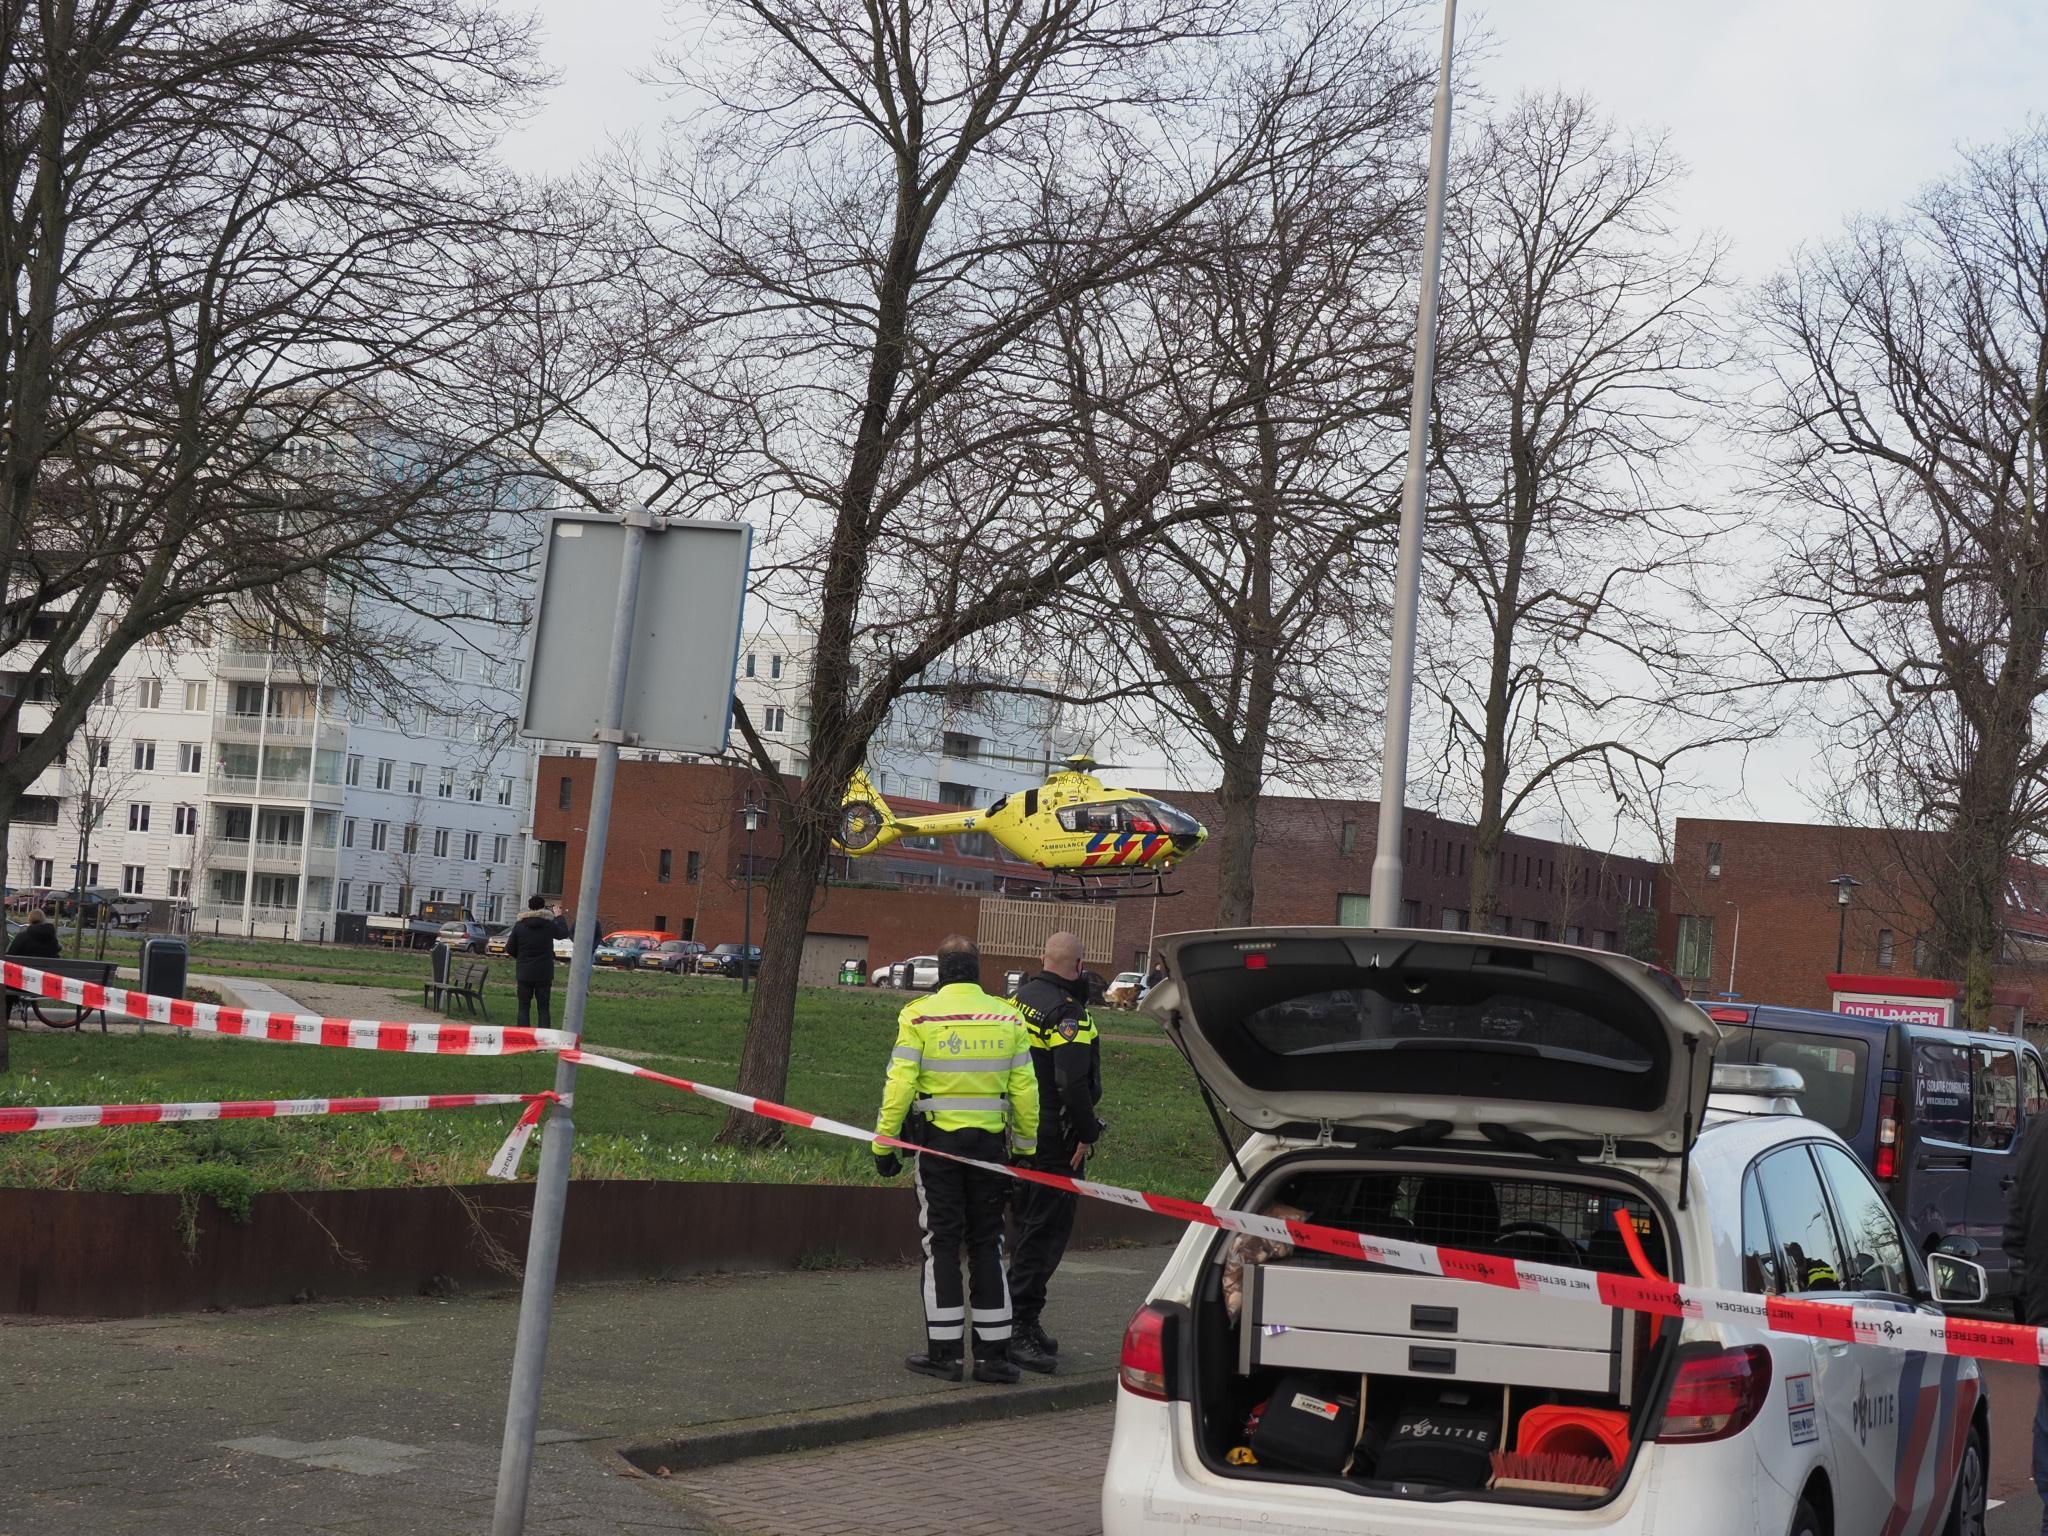 Oudere dame met rollator aangereden op Zeeweg in IJmuiden